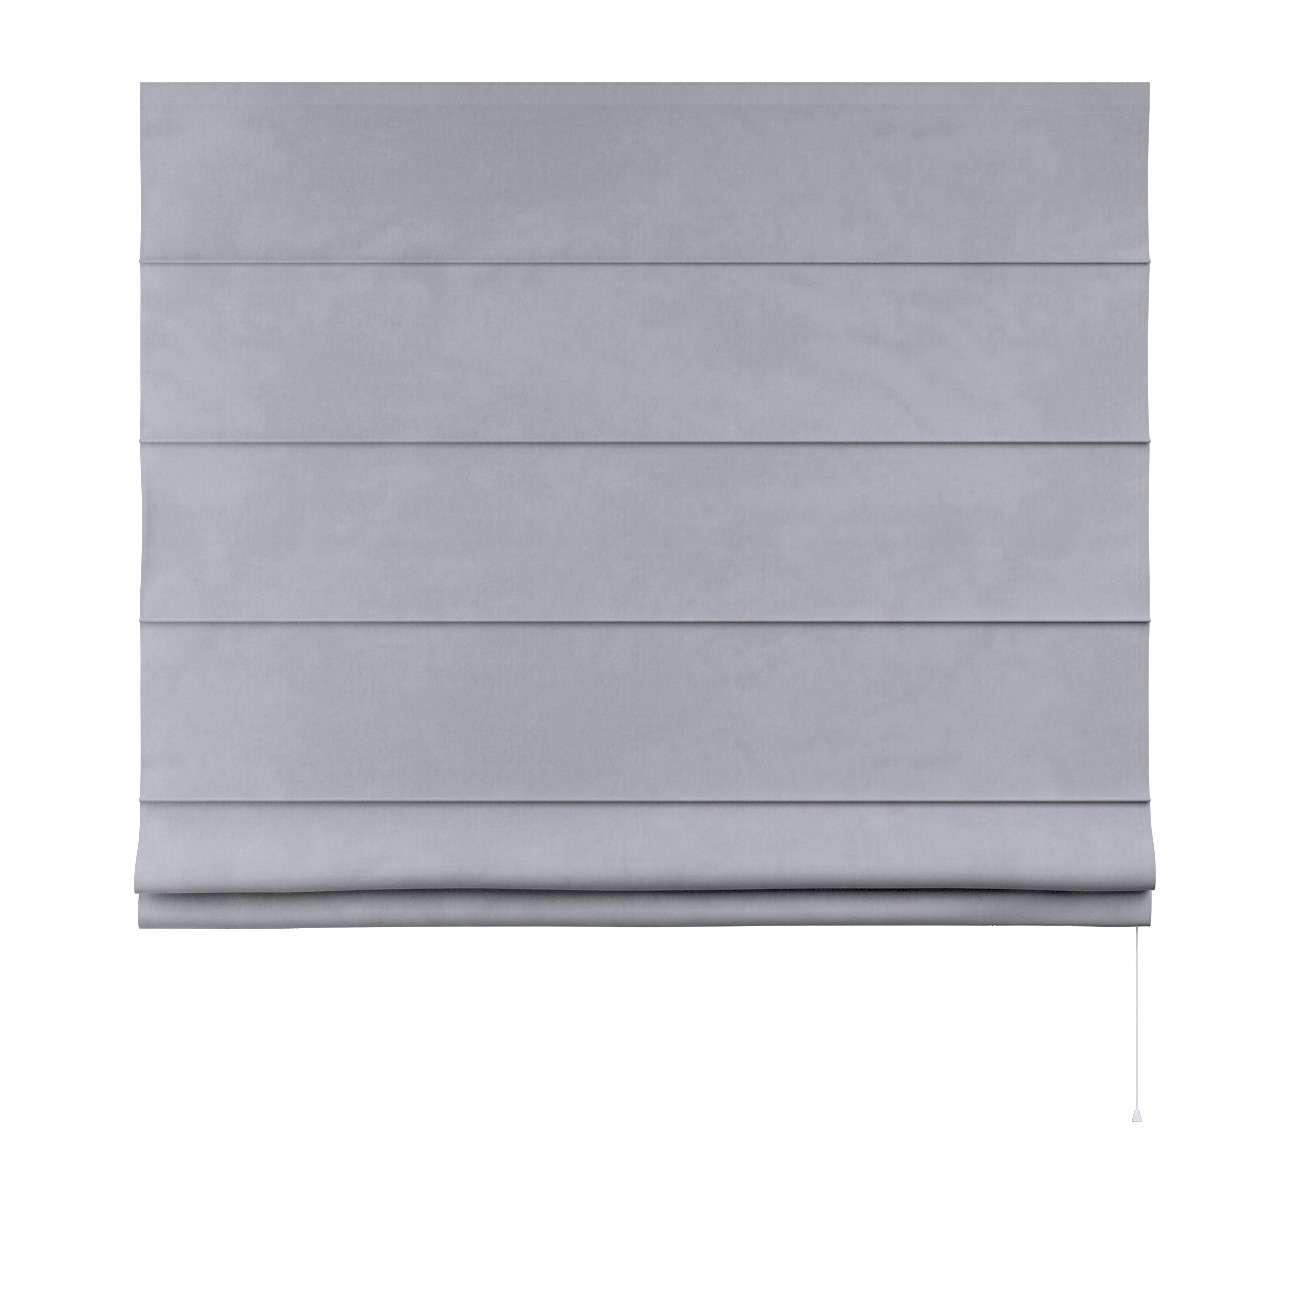 Billie roman blind in collection Posh Velvet, fabric: 704-24